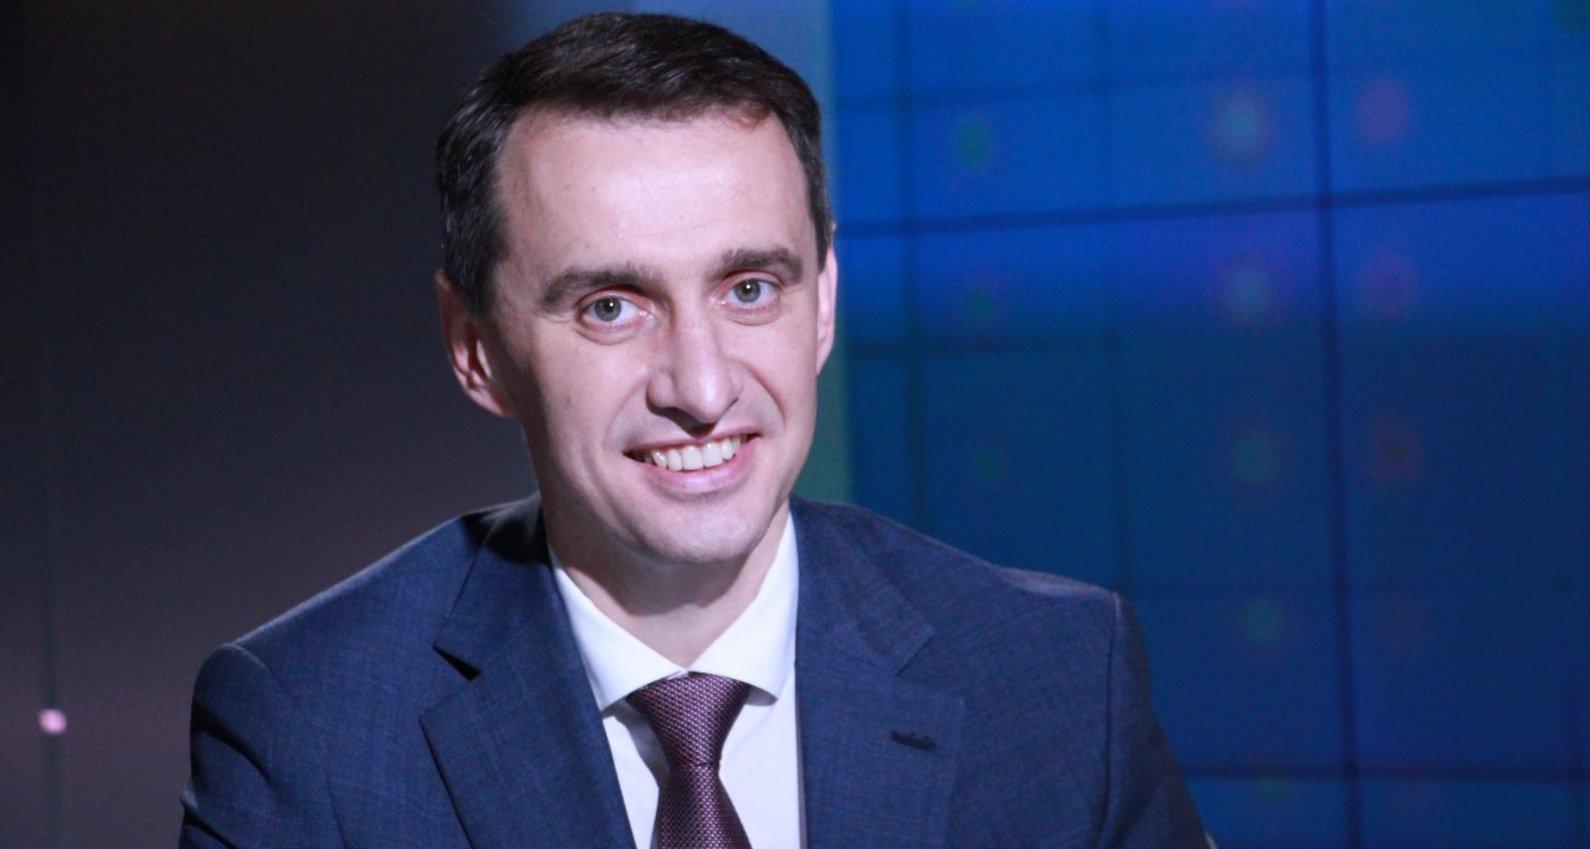 Україна чекає вакцину від COVID-19: у МОЗ розповіли деталі майбутньої угоди